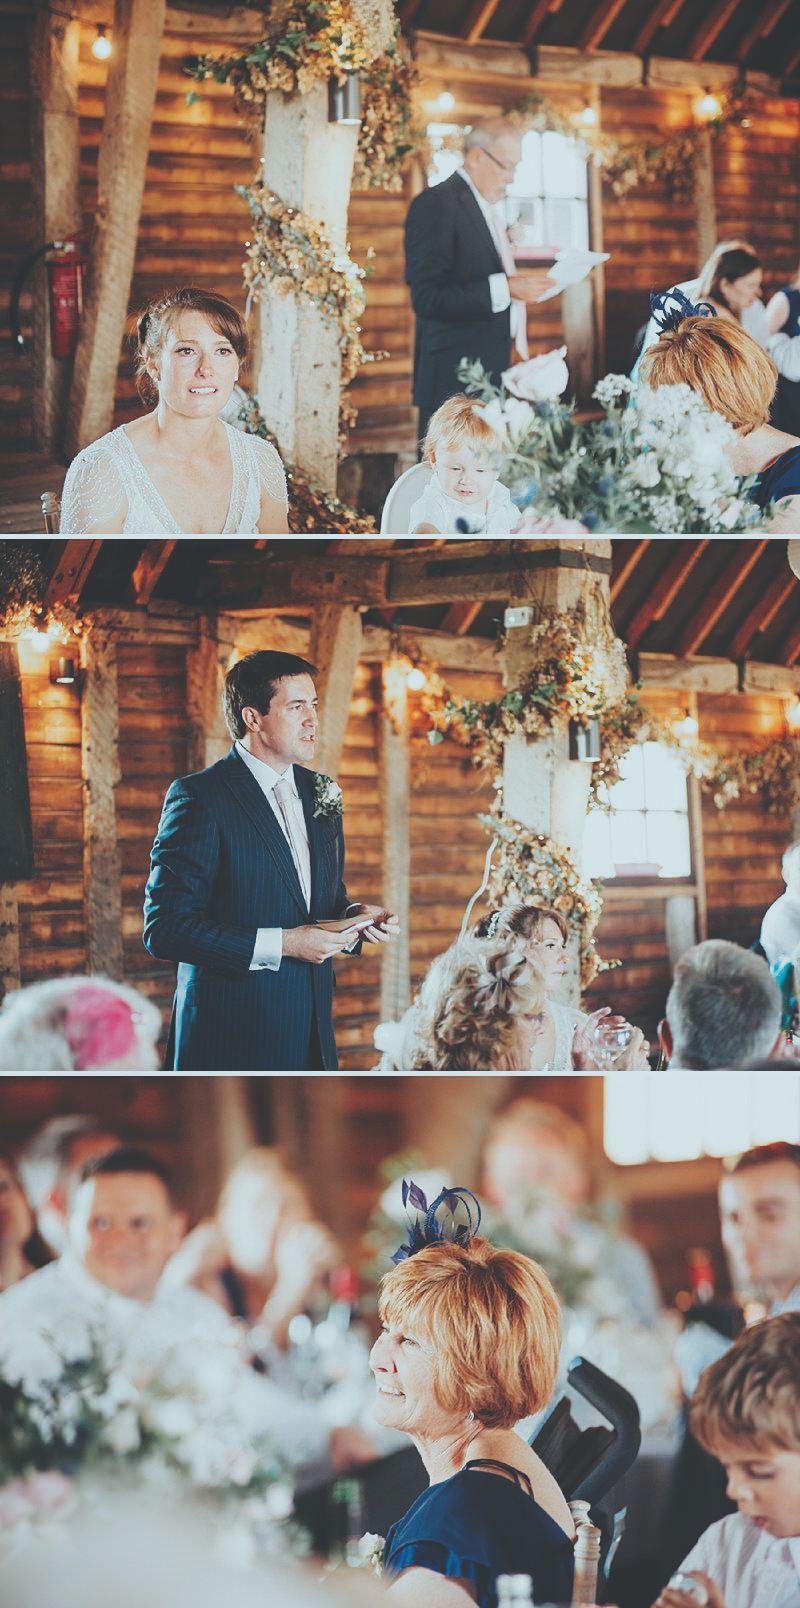 preston-court-vintage-wedding-kent-044.jpg